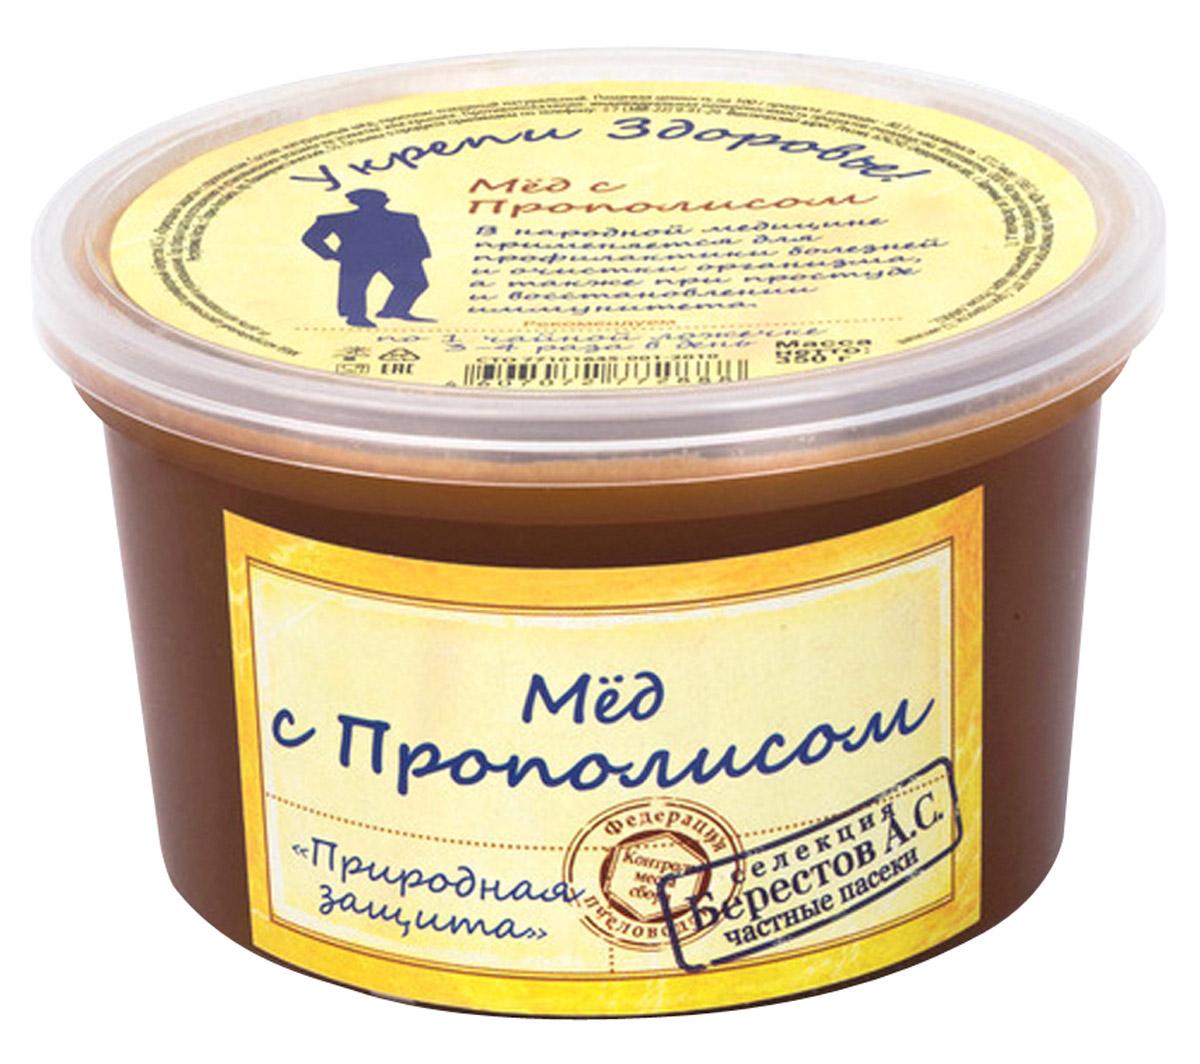 Берестов Мед с прополисом, 350 го0000003548Добавление прополиса делает мед уникальным биологическим веществом с усиленными целебными свойствами. Сочетание прополиса и мёда - это двойная доза полезных веществ!На вкус мед с прополисом сладкий с легкой горчинкой и ванильным послевкусием. Аромат приятный, бальзамический, со смолисто-медовыми нотками.Лечебные свойства:Мёд с прополисом может похвастаться богатым арсеналом целебных свойств и качеств. Мед и прополис - мощнейшие природные антибиотики, поэтому мёд с прополисом должен всегда быть под рукой как природная скорая помощь. Он мгновенно обезболивает, убивает вирусы и способствует быстрому восстановлению иммунитета. Эффективен не только в чистом виде, но и в качестве ингаляций, полосканий и капель в нос или глаза. Полезен при гастритах, болезнях сердца и печени, в качестве профилактики в сезон простуд. Подходит и для наружного применения - как ранозаживляющее и в виде компрессов при суставных заболеваниях.Сезонная коллекция меда Берестов. Мед контролируемого места происхождения. В состав линейки включается расширенный ассортимент, в том числе редких сортов. Коллекция Мед с частных пасек получила свое распространение на сезонных фестивалях и ярмарках.В коллекции представлена широкая гамма медов с частных пасек Алтайского края, Башкортостана, Хабаровского края, Краснодарского края, Украины, Киргизии, Средней полосы России. Редкие сорта меда представляются только на фестивалях и ярмарках ввиду того что собираемых пчеловодами объемов недостаточно для продажи их в течение всего года. Упаковка меда ведется холодным методом сохраняющим 100% биологических свойств продукта. Упаковка производится на Берестовской фабрике натуральных продуктов сертифицированной по стандарту менеджмента качества ISO.